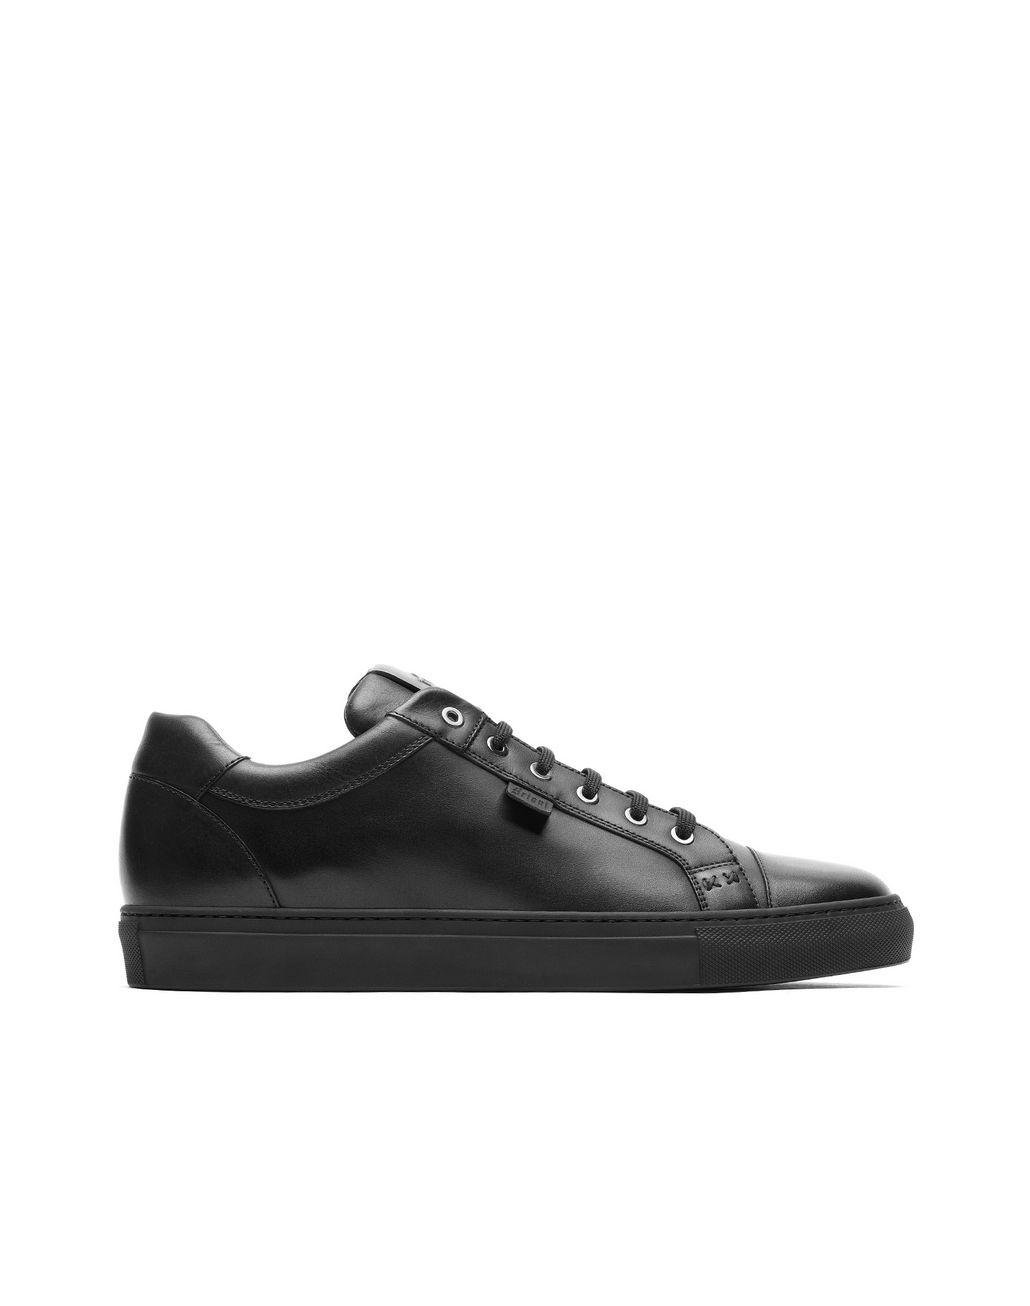 BRIONI Black Calfskin Sneakers Sneakers Man f